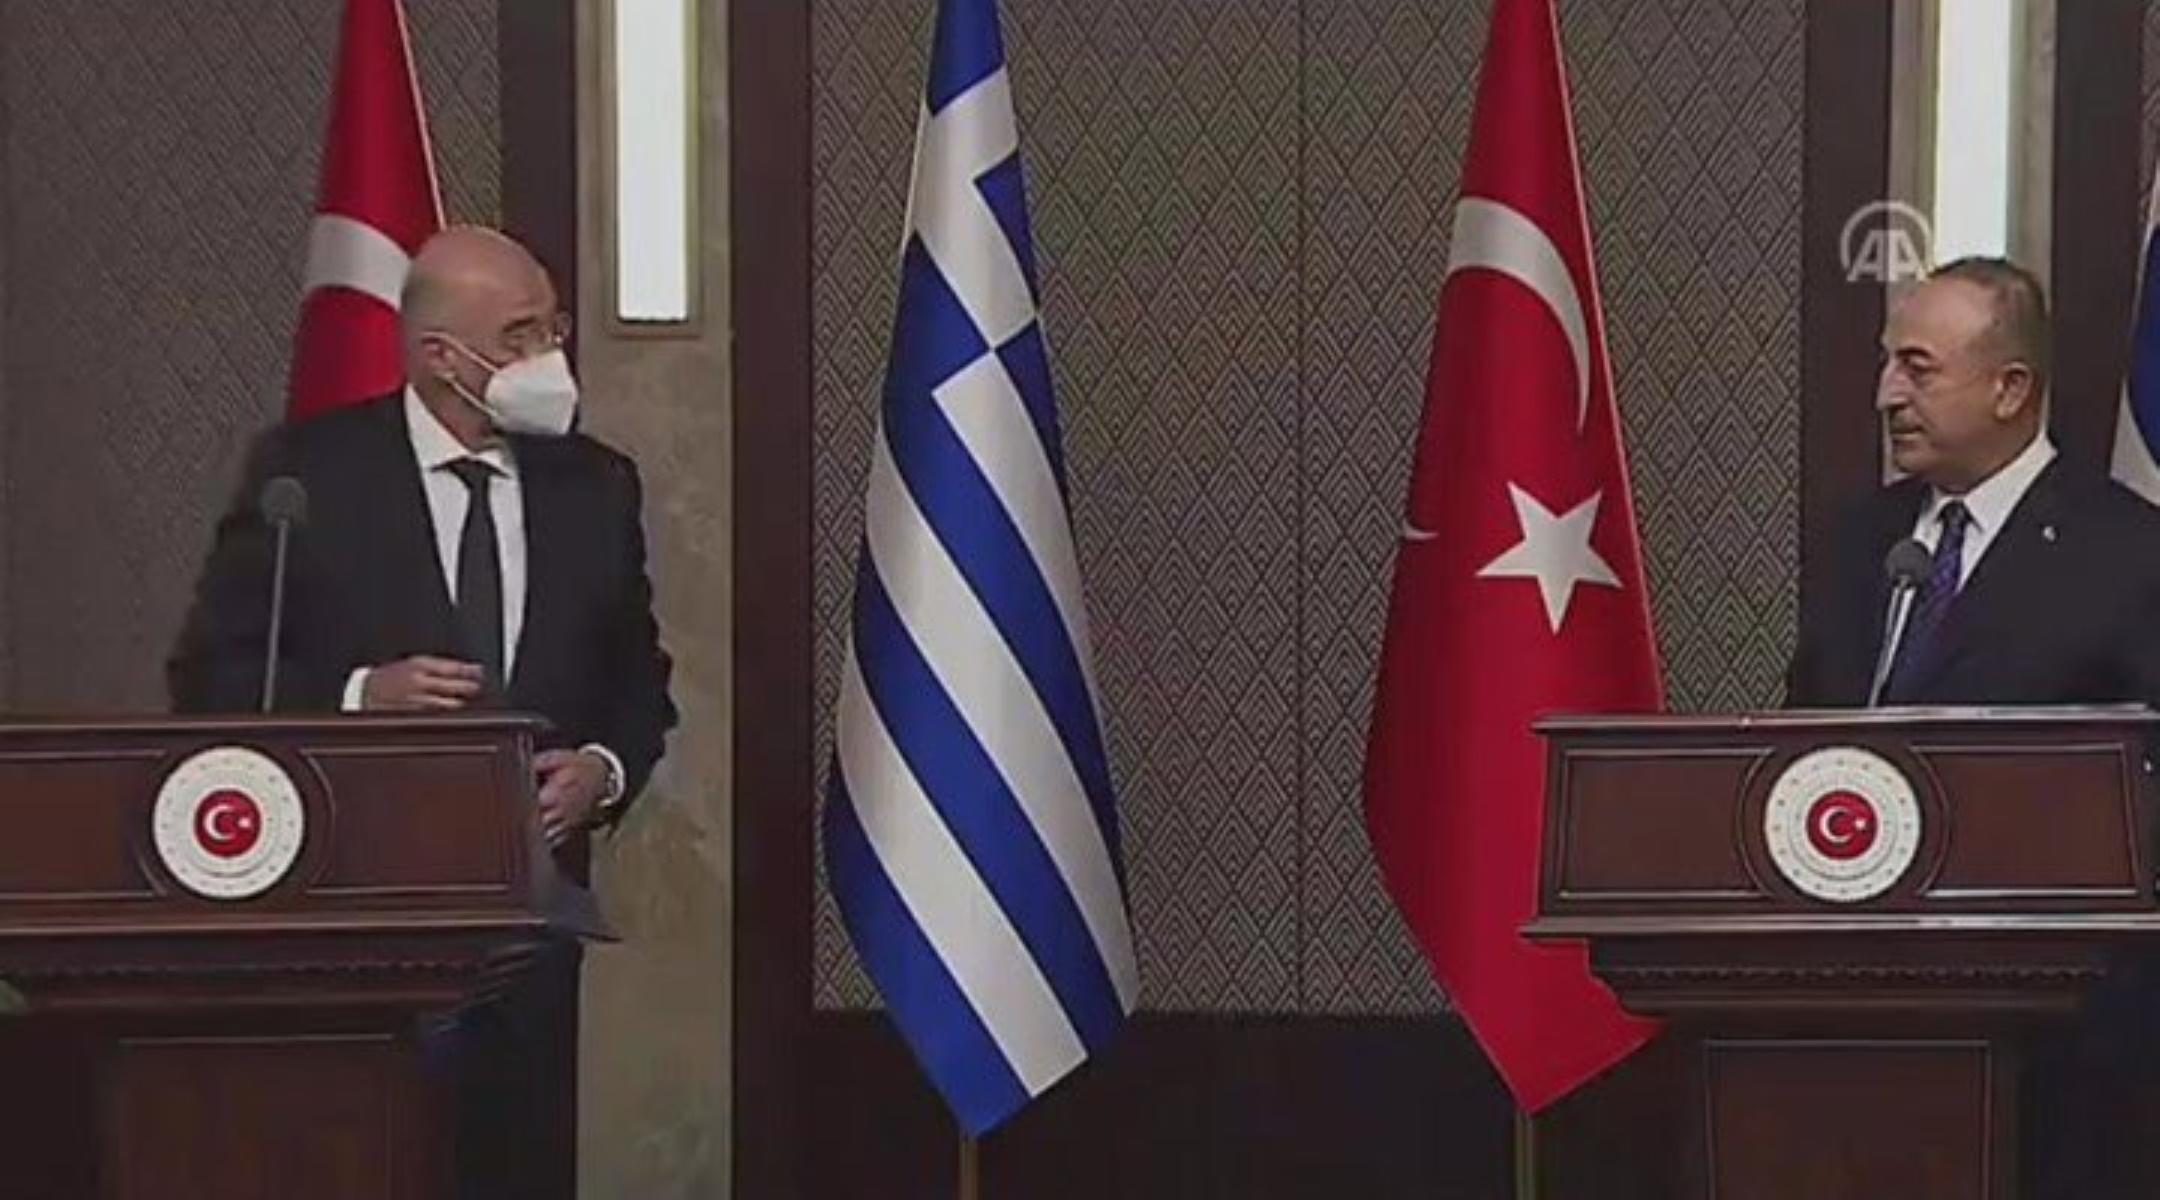 Δένδιας – Τσαβούσογλου: Η εντολή Μητσοτάκη στον Έλληνα υπουργό Εξωτερικών (video)